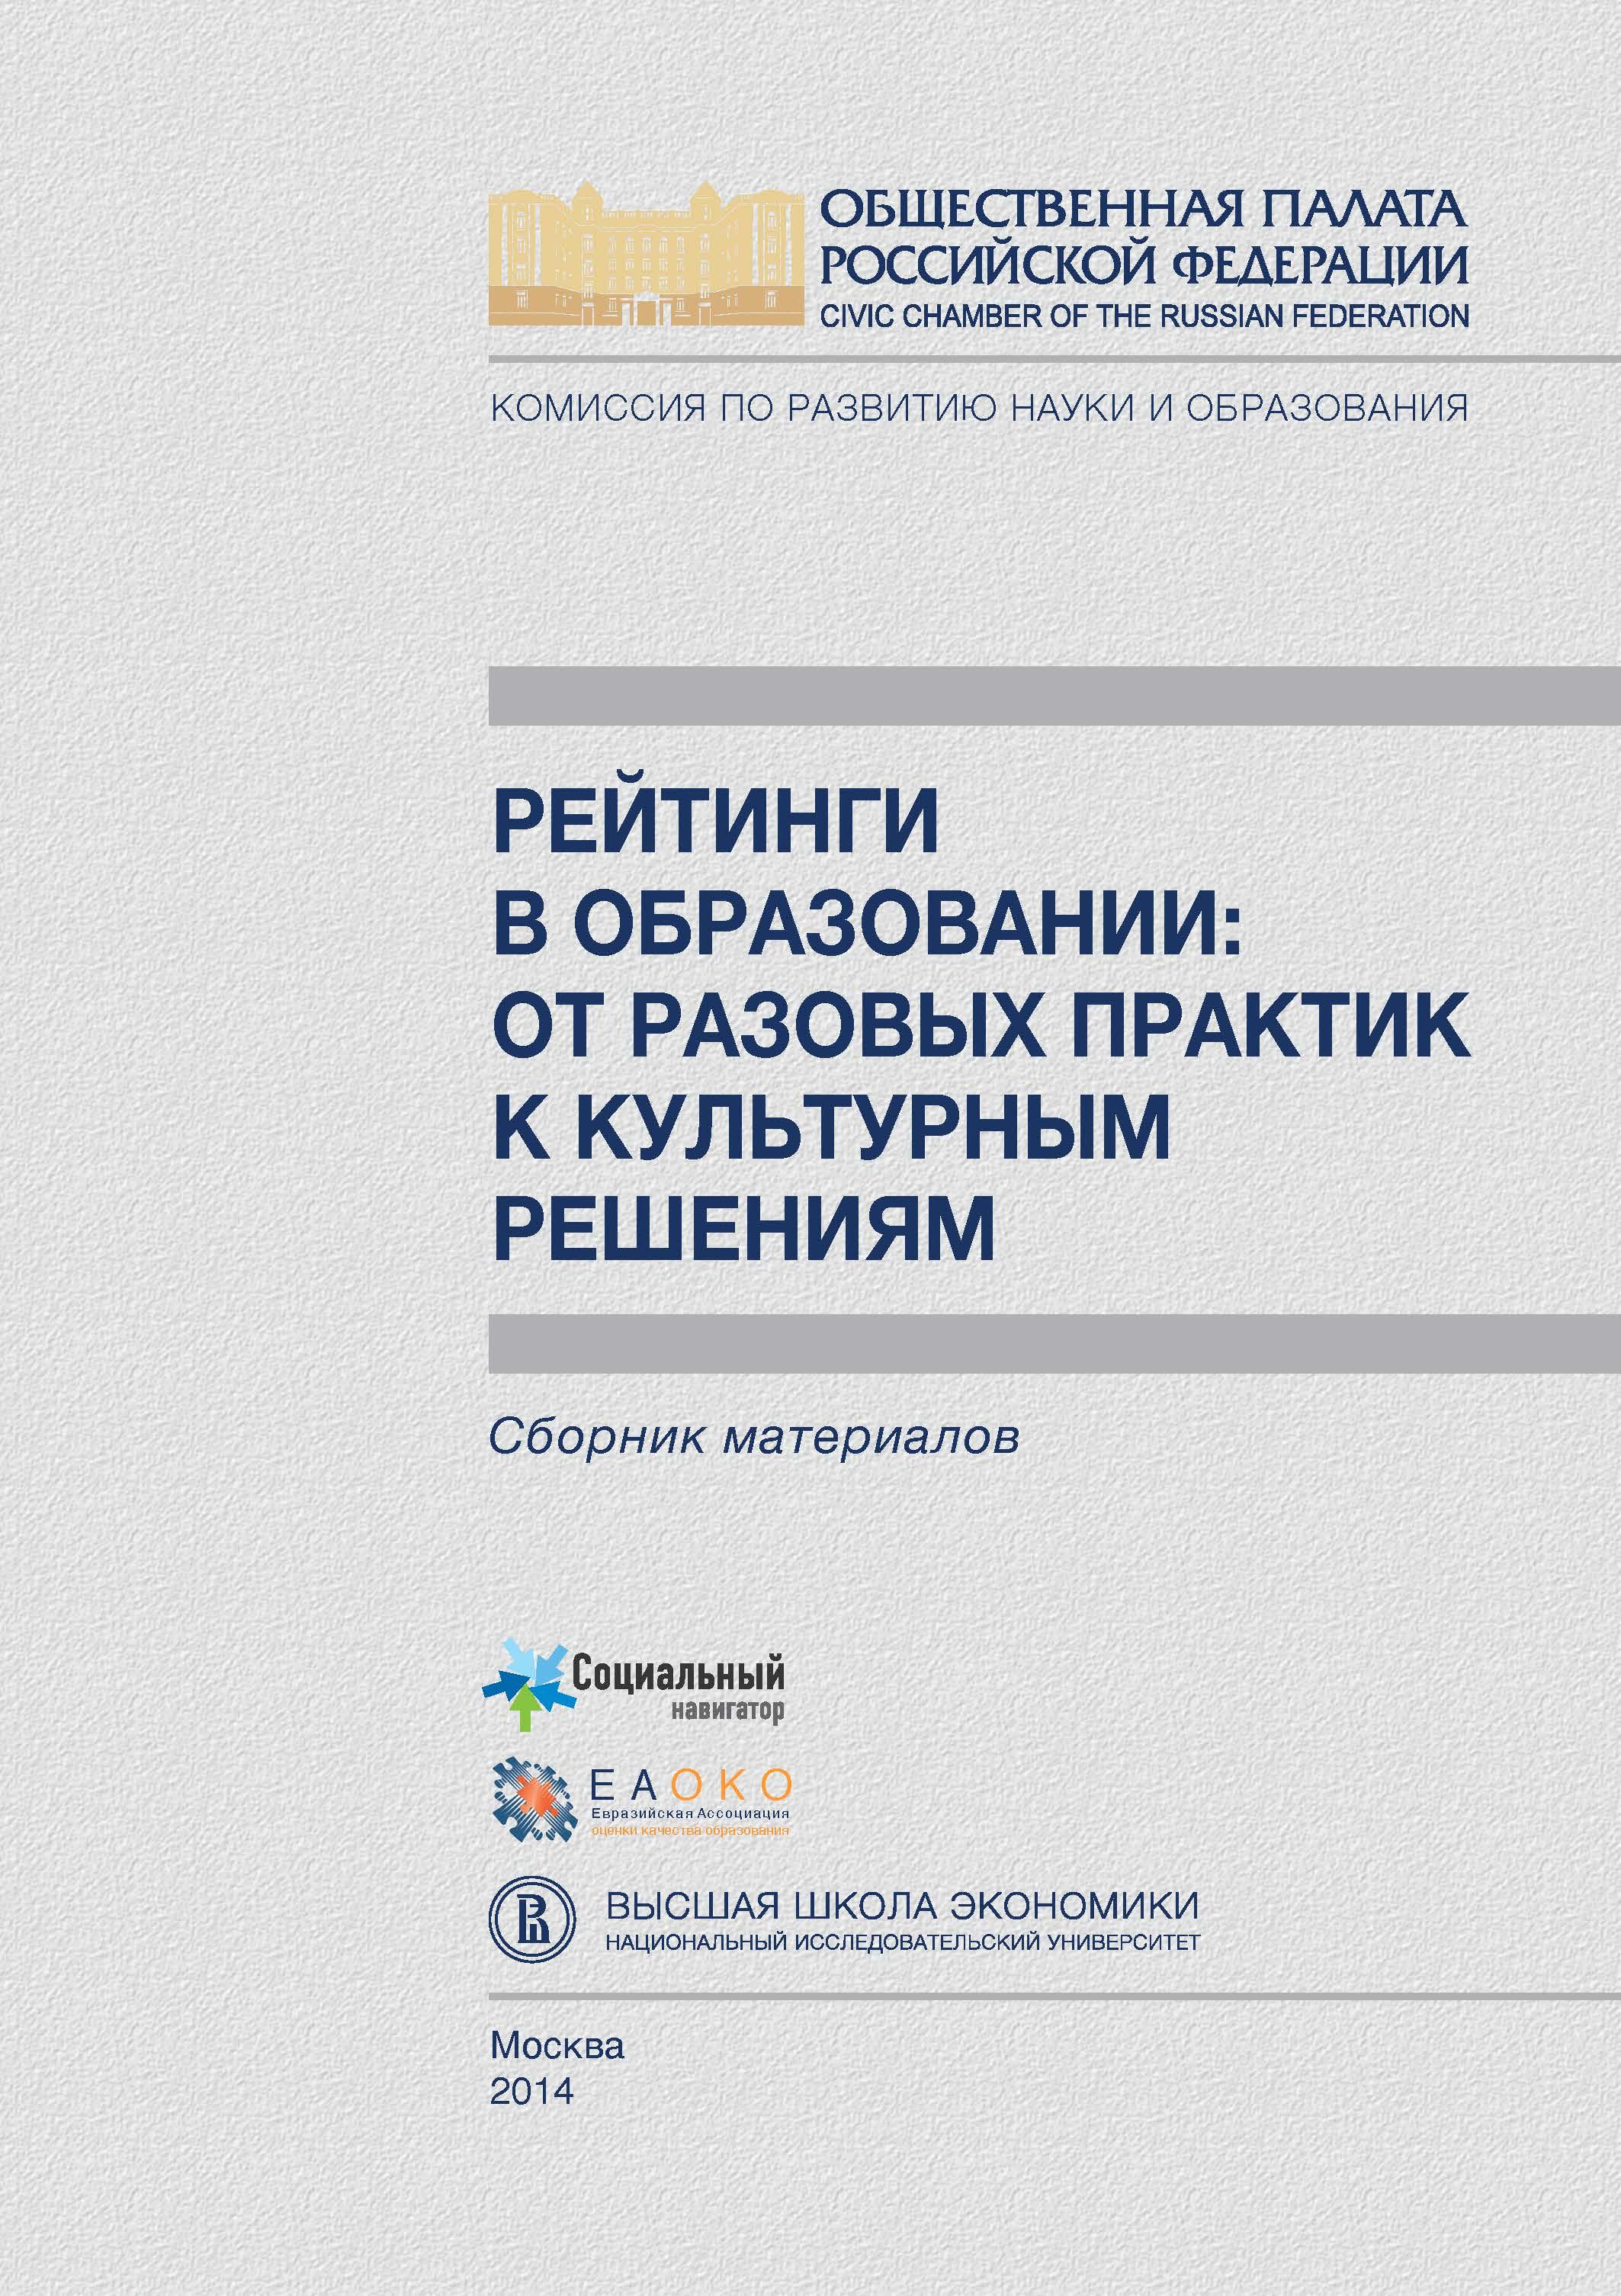 Методические подходы к построению рейтингов образовательных систем субъектов Российской Федерации на основе данных федерального статистического наблюдения